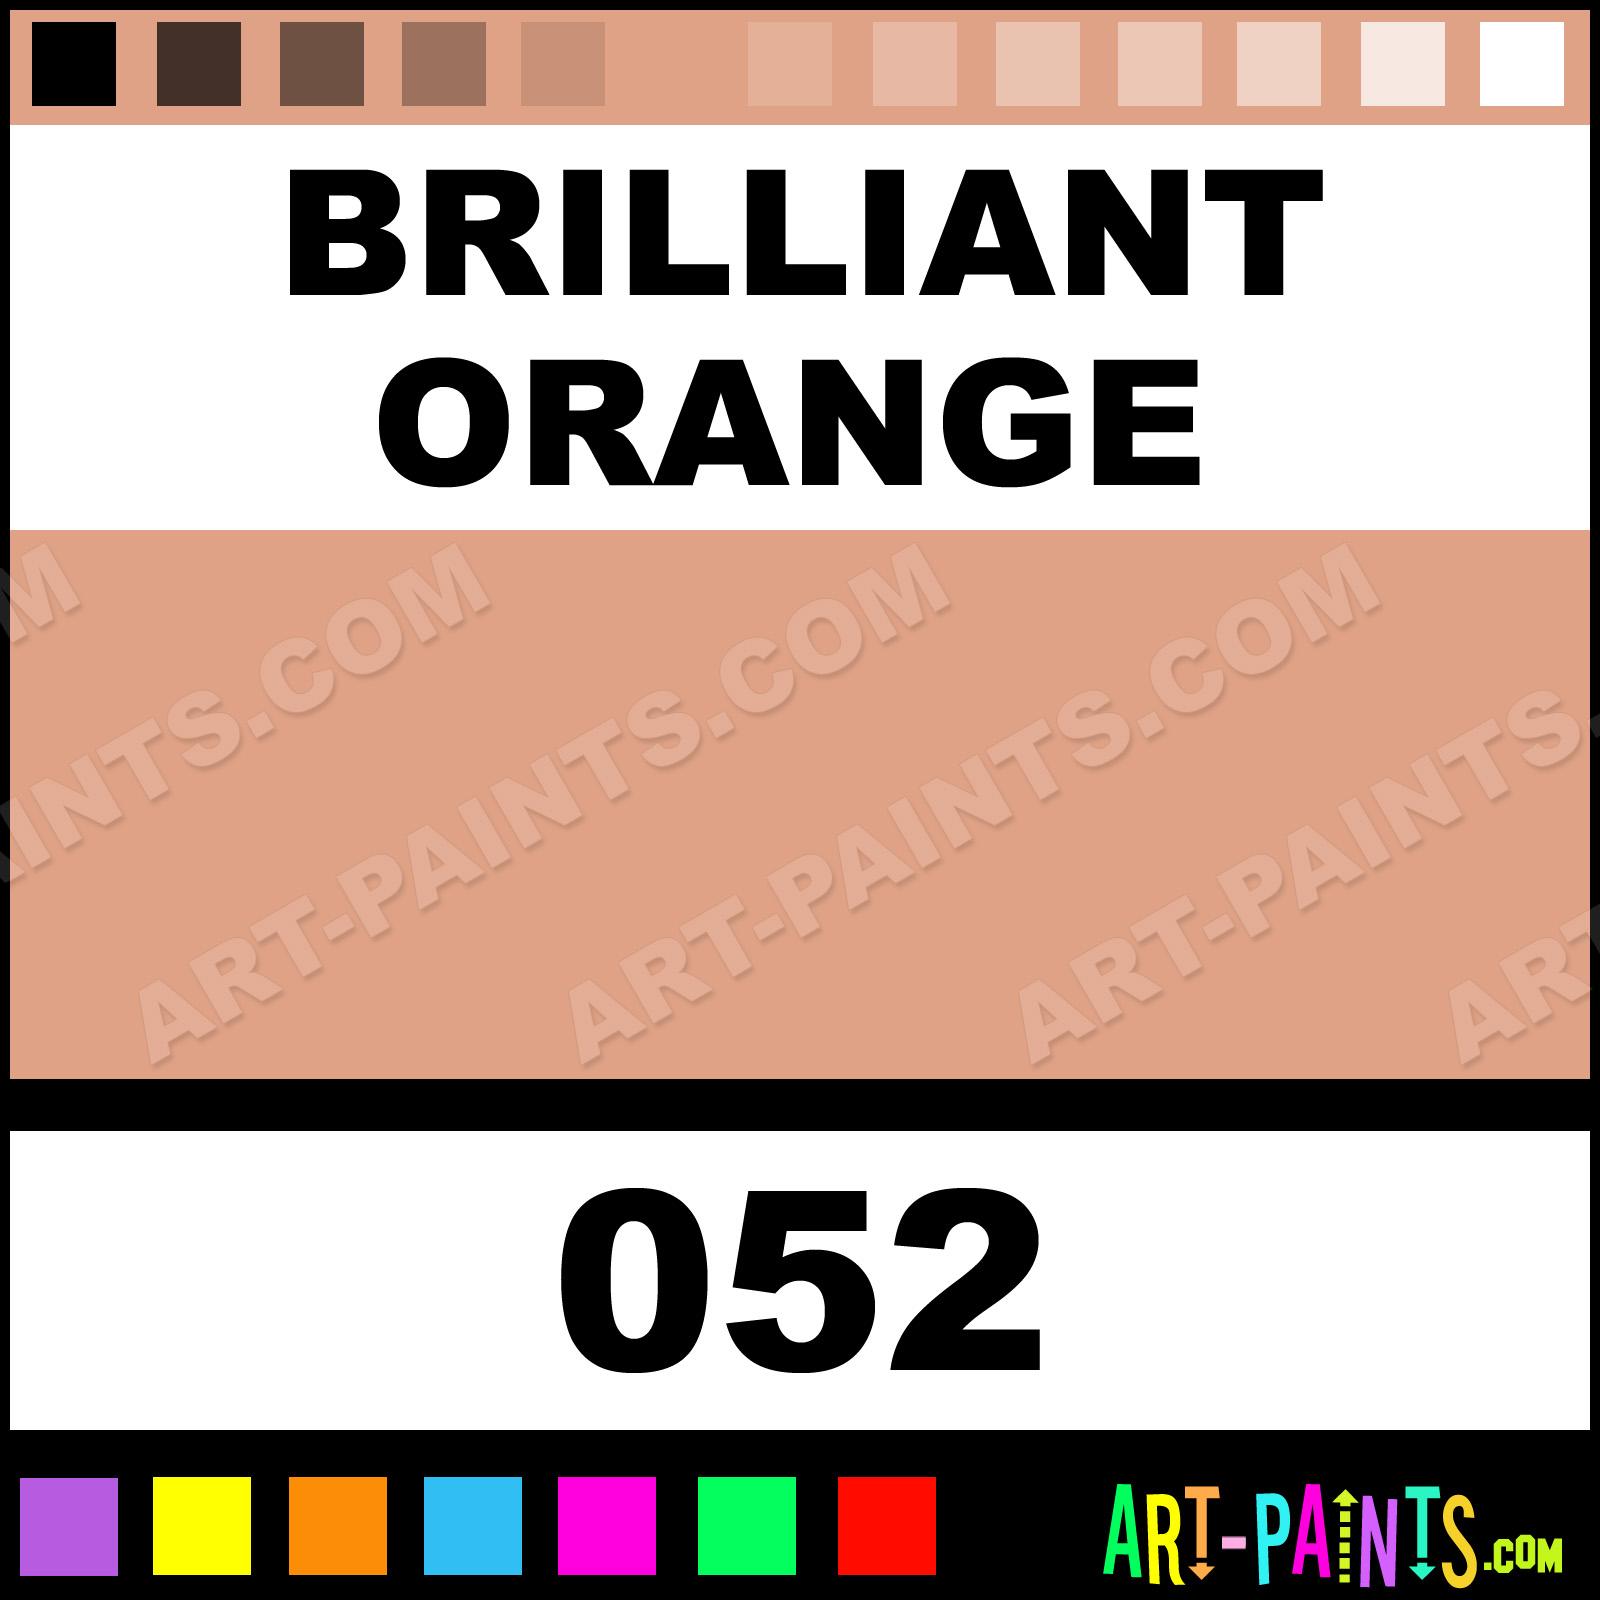 Brilliant Interior Paint Color Schemes: Brilliant Orange Extra Fine Gouache Paints